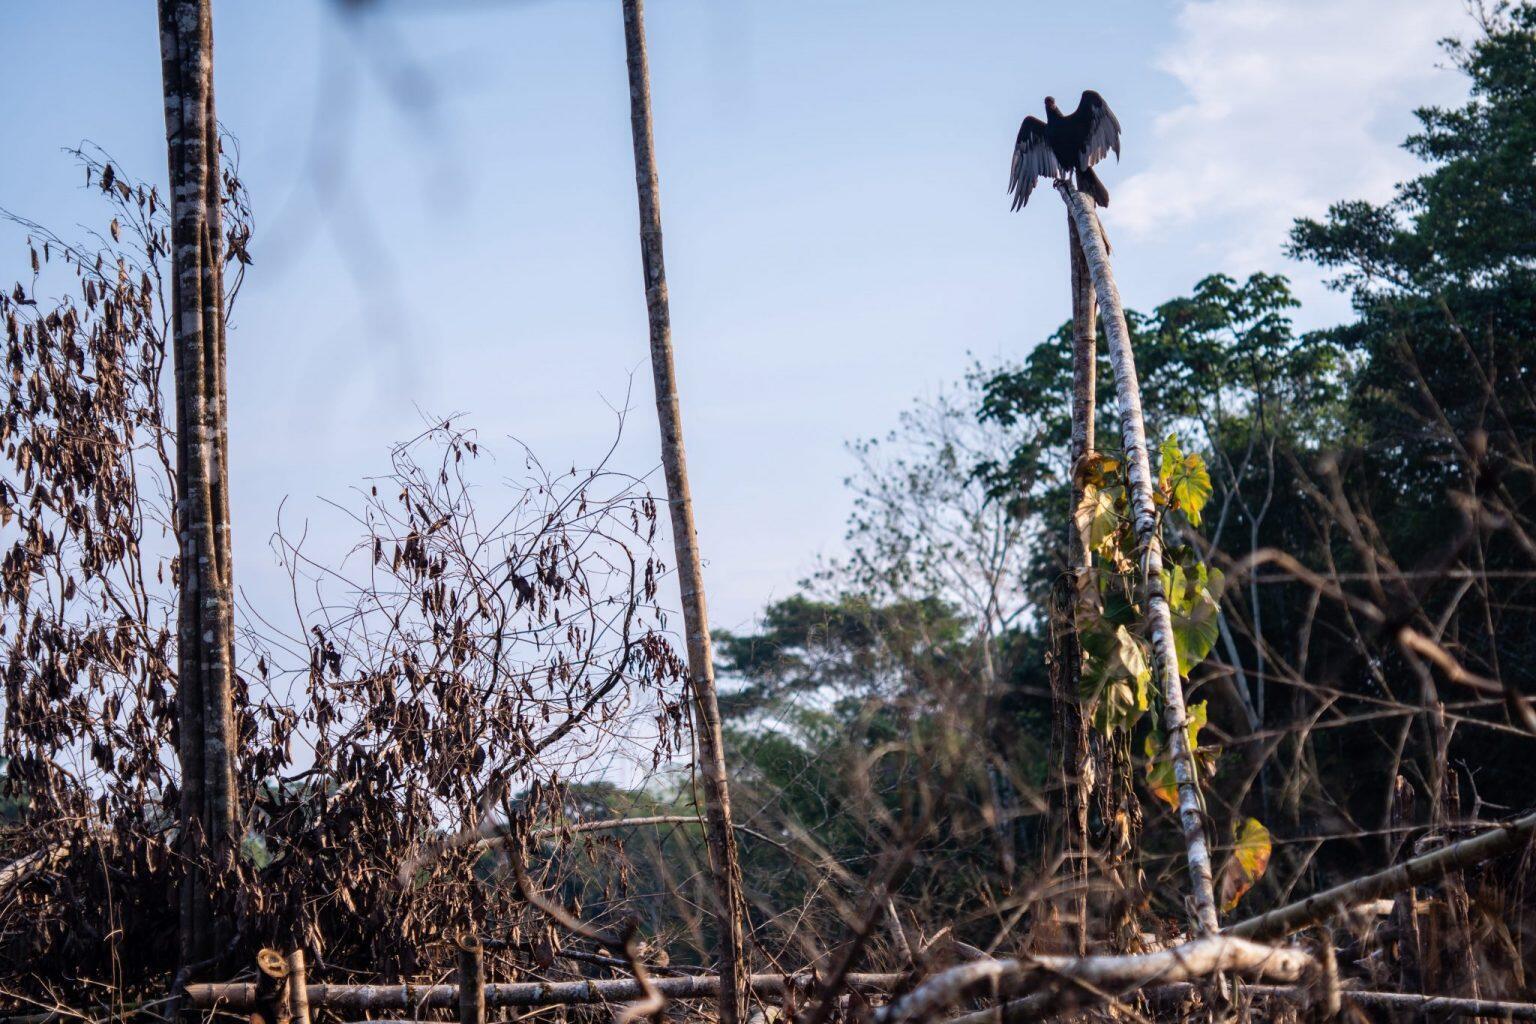 Un buitre posado en un árbol en medio de una tala de bosque, en San Juan de Losada, espera que pequeños roedores corran huyendo de las llamas y sean presas fáciles.